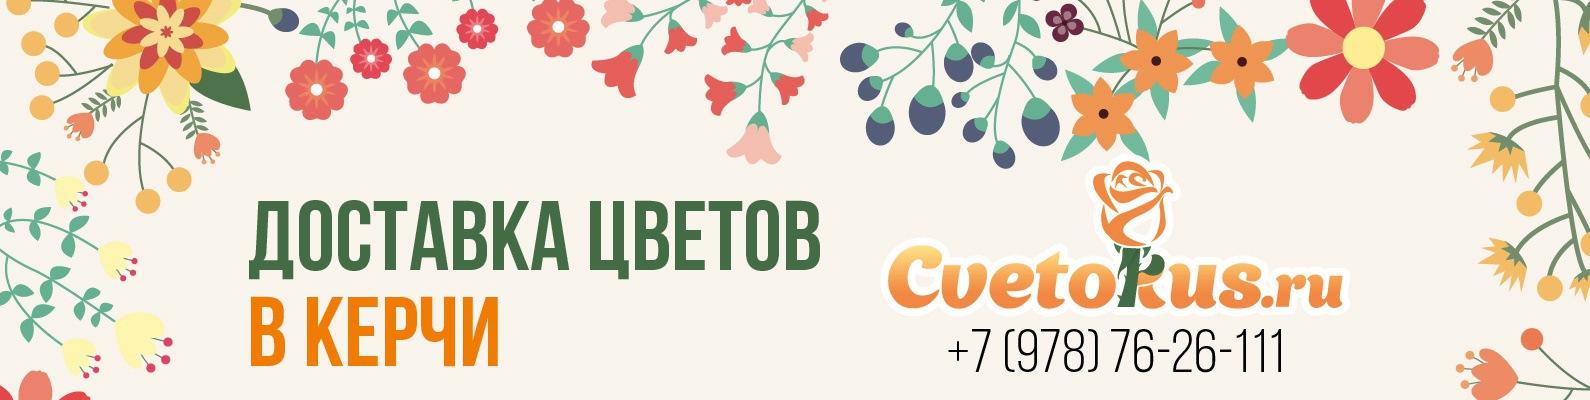 Доставка цветов по украине керчь, роз альстромериями